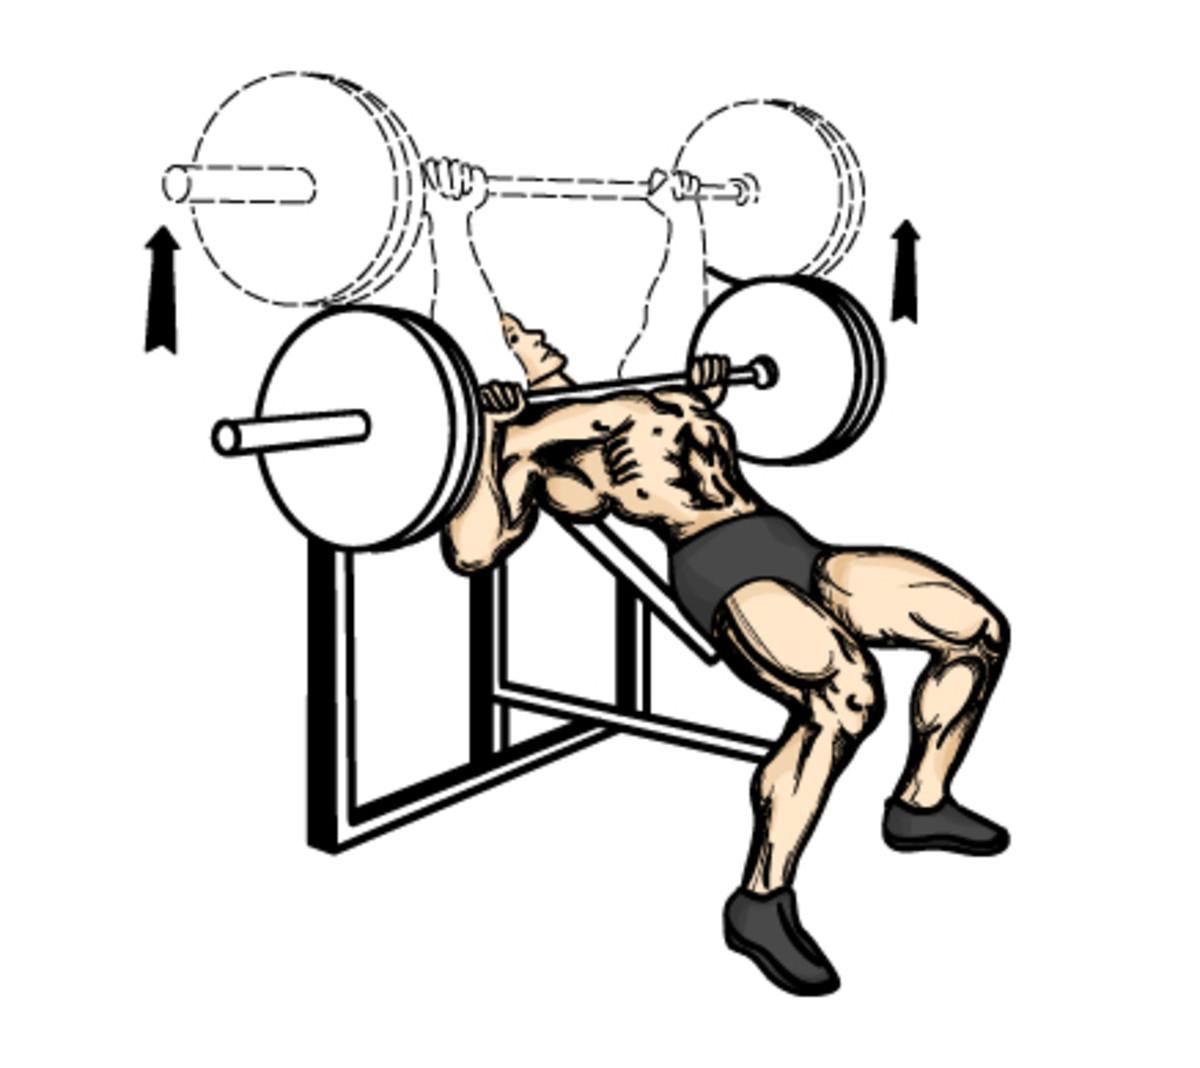 Proper incline bench press technique.